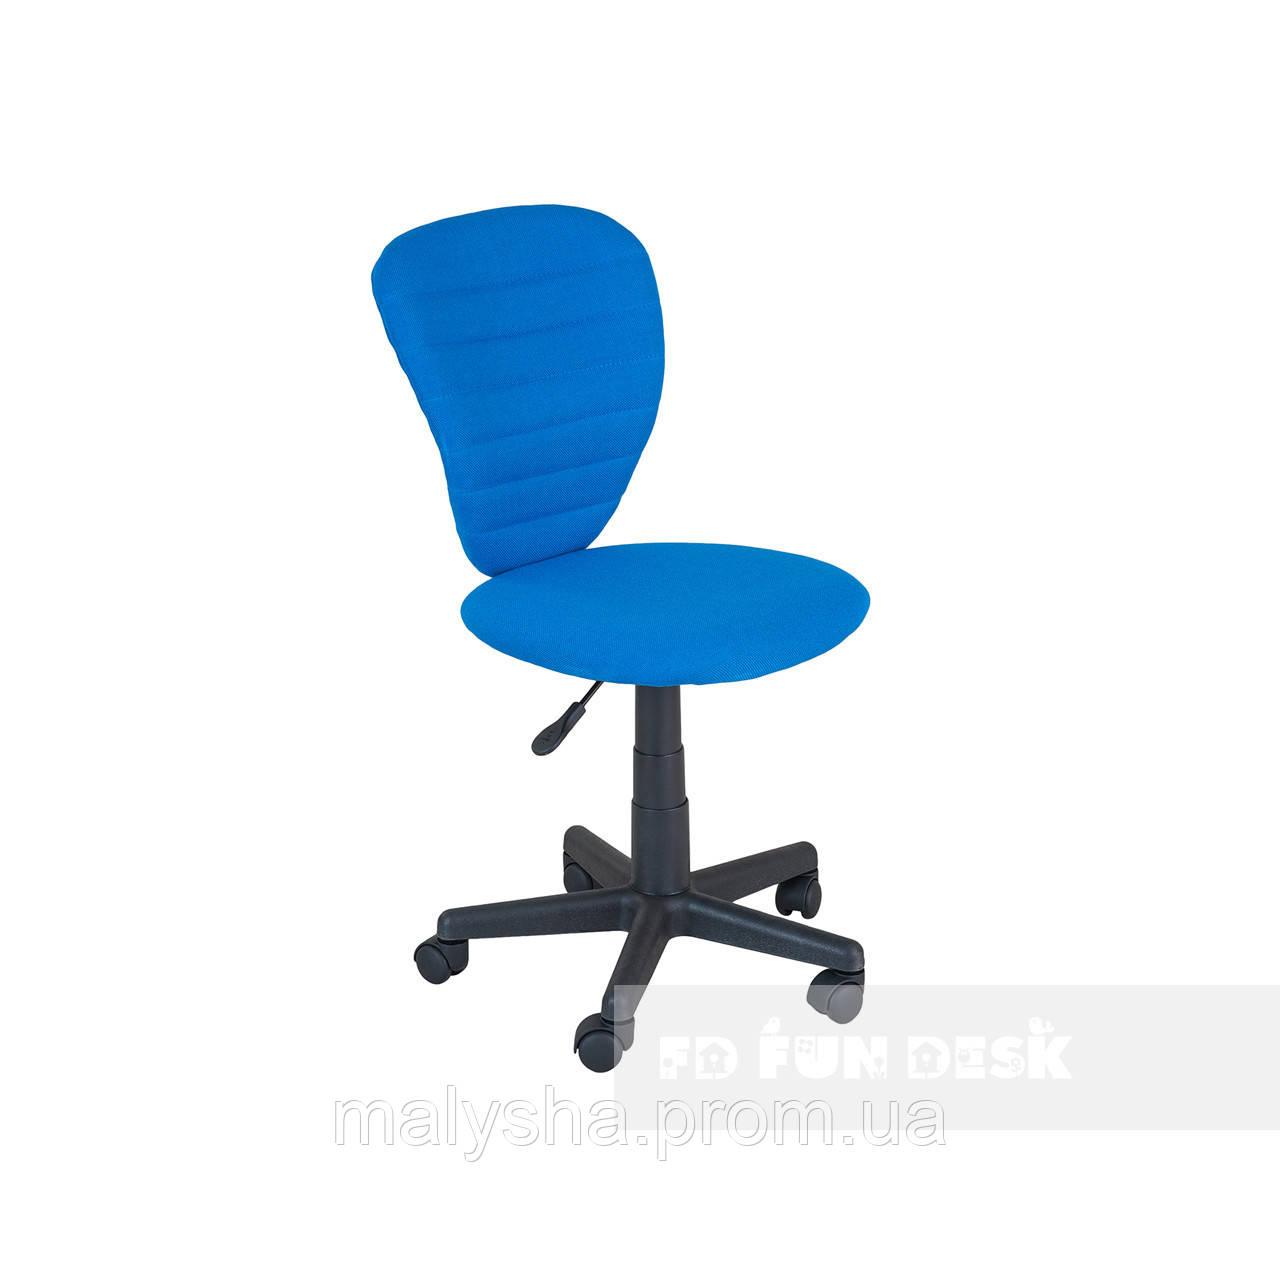 Детское кресло для школьника FunDesk LST2 Blue - Малуша в Днепре